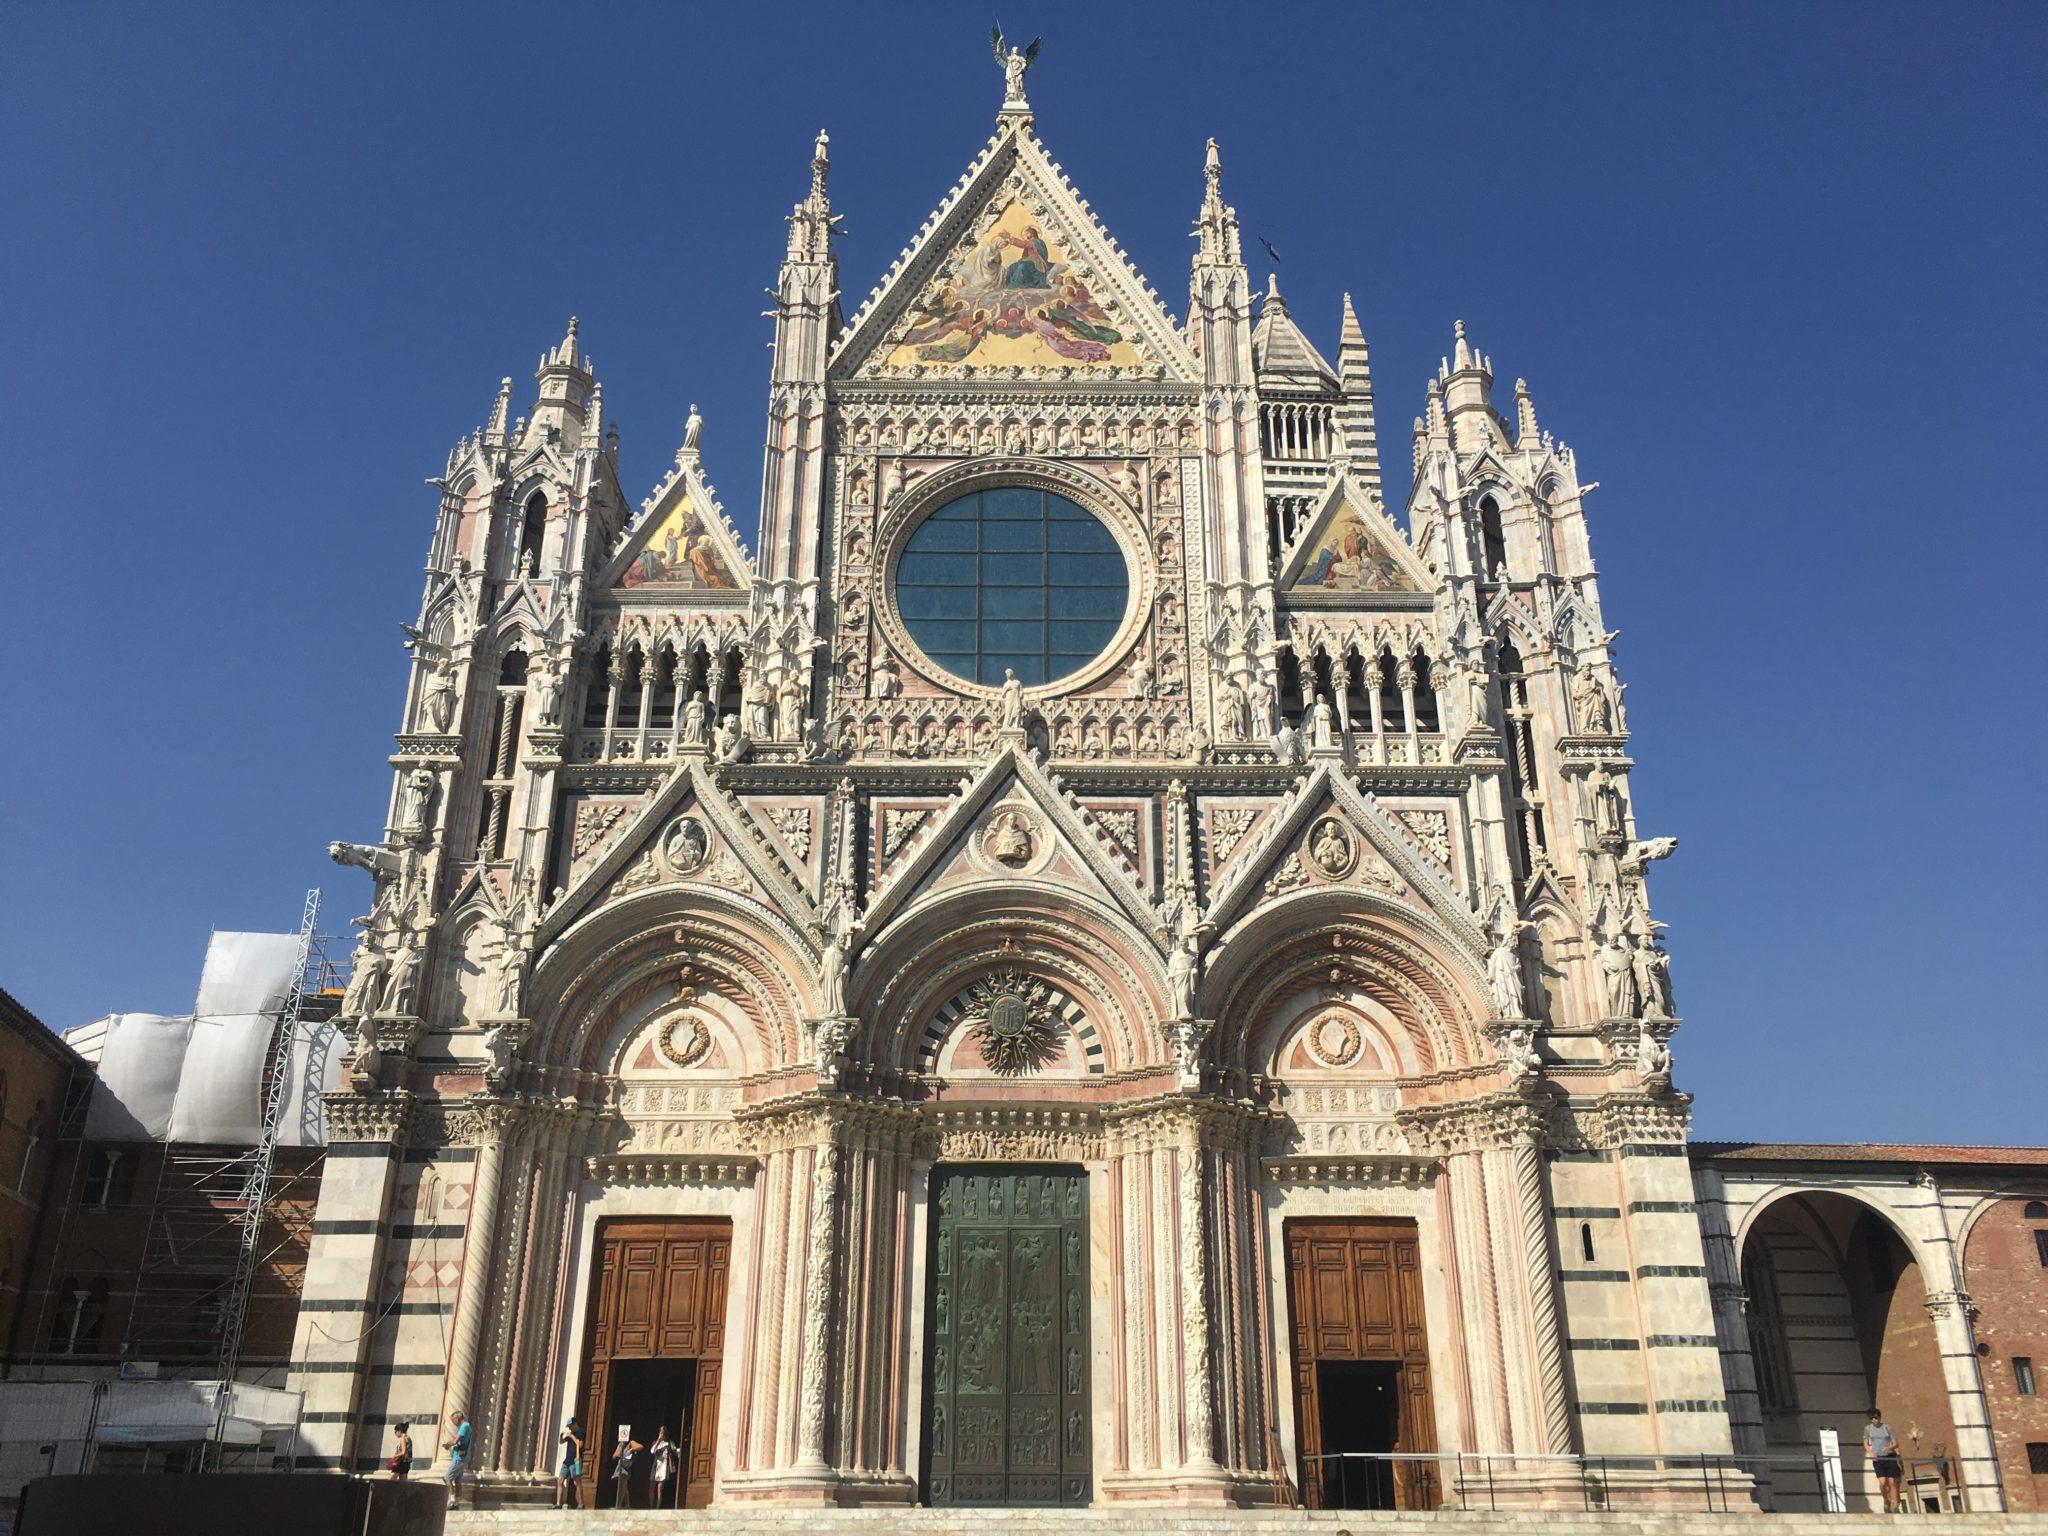 Katedra Duomo Siena